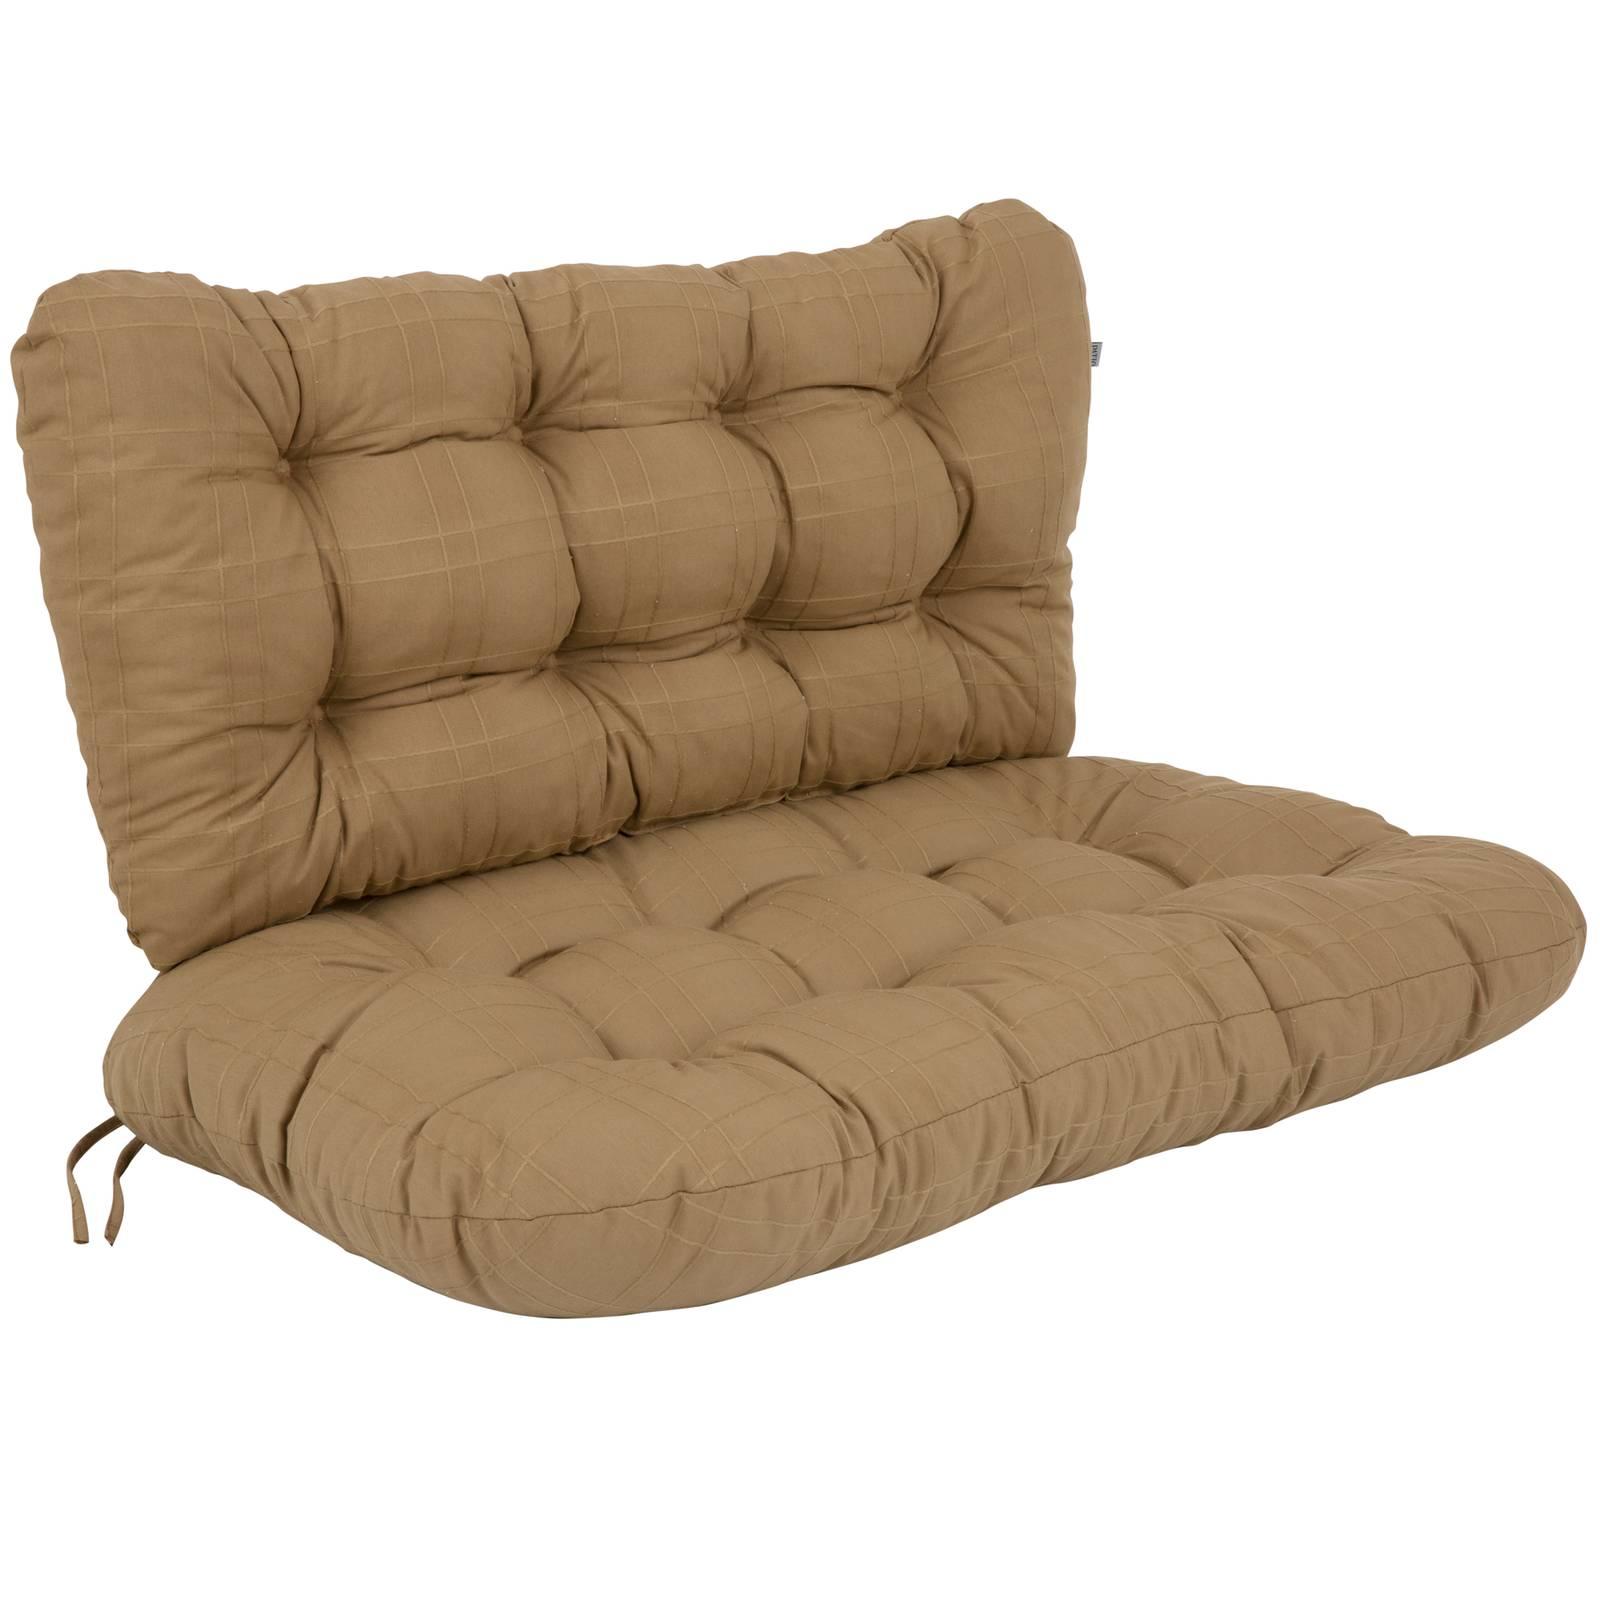 Poduszki na sofę 95 cm Marocco D016-04LB PATIO